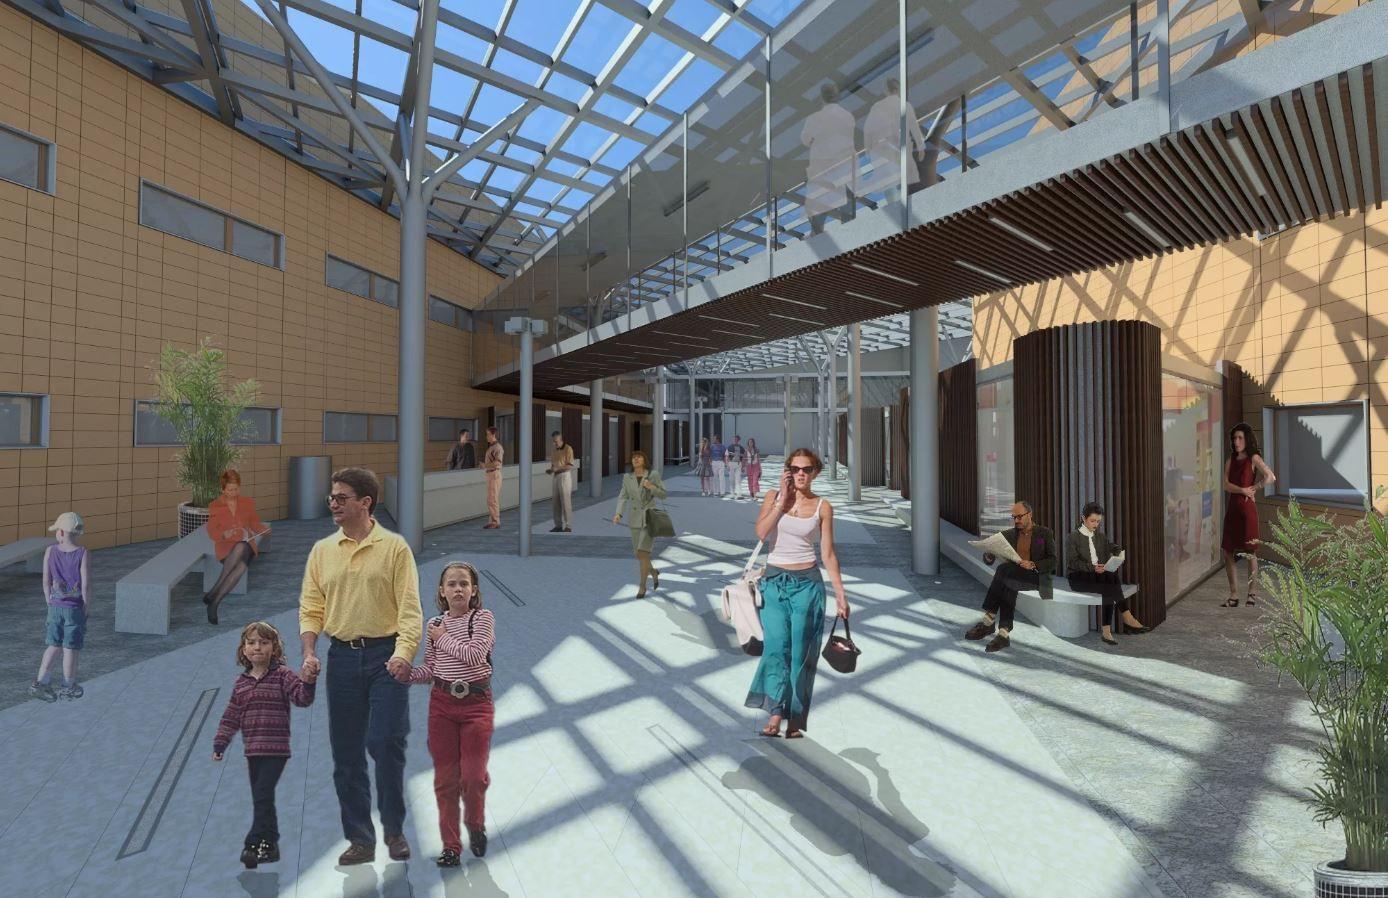 Nuovo ospedale di Fermo - image 4